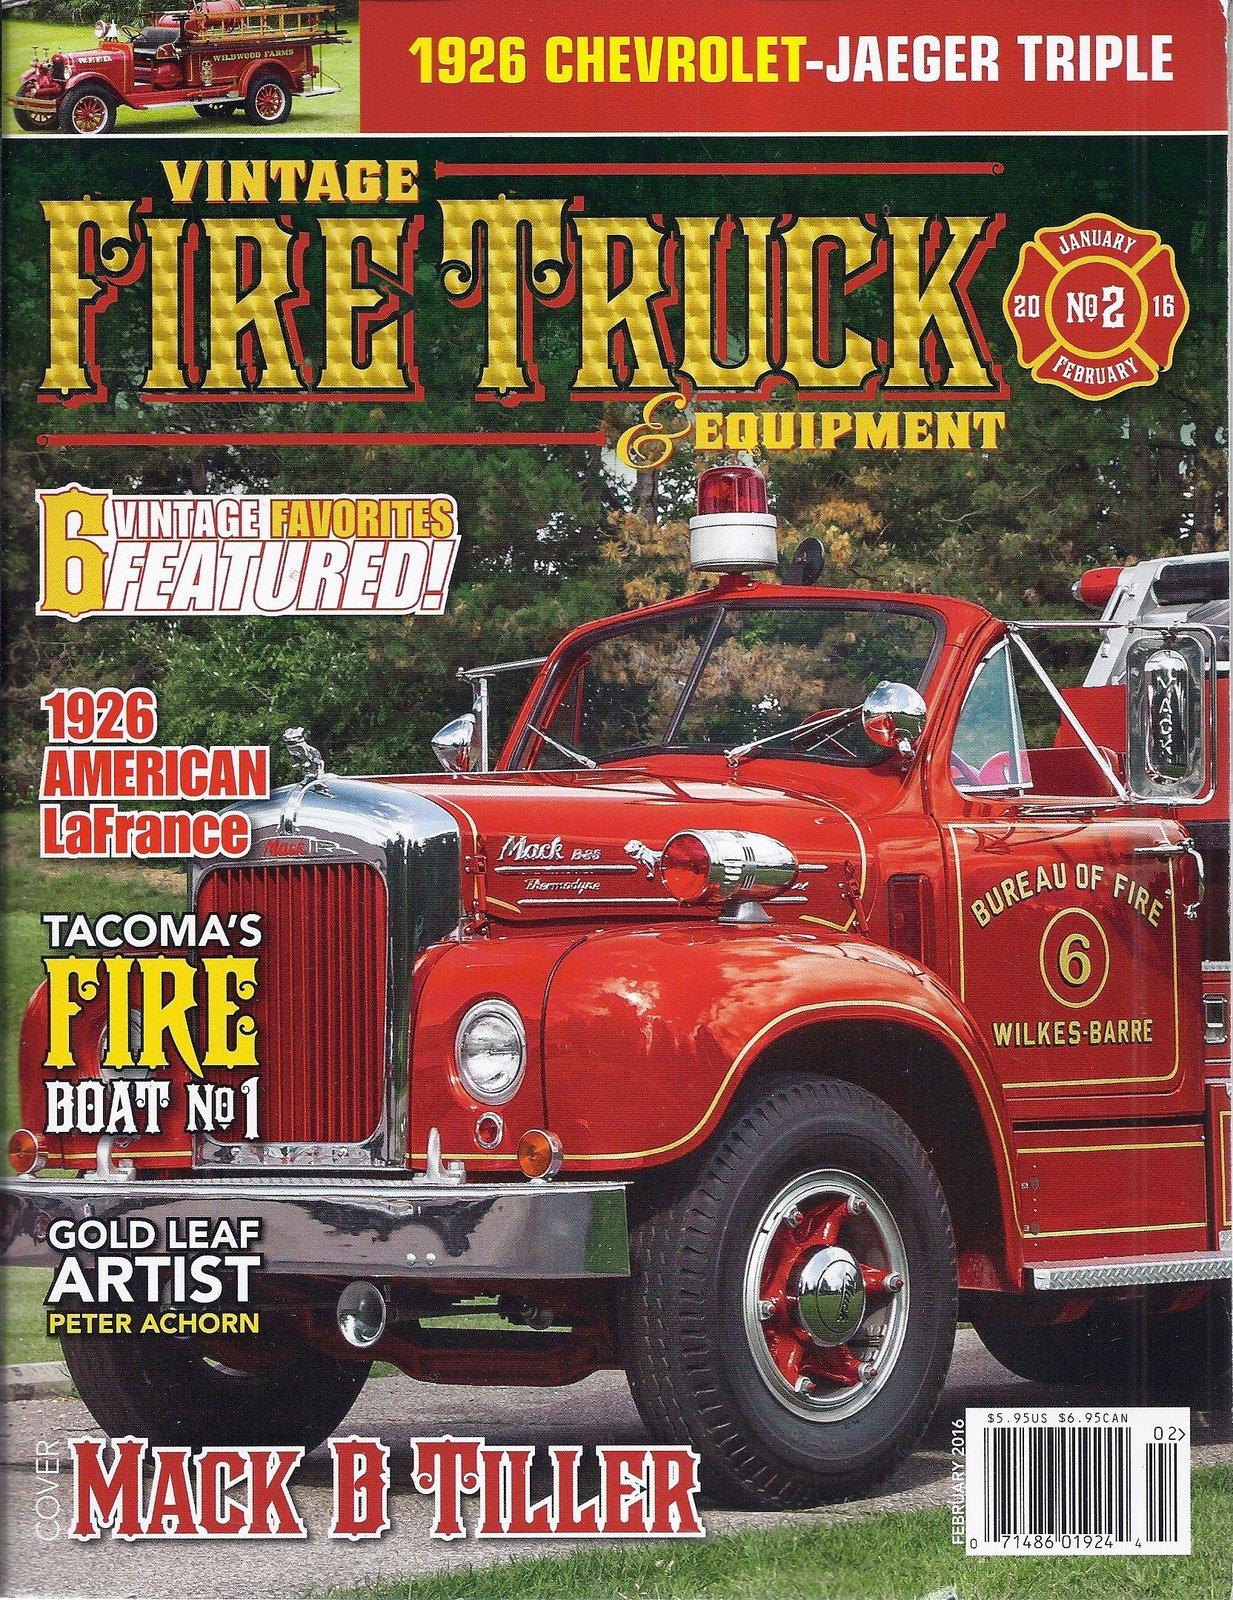 Vintage Fire Truck & Equipment Magazine (February 2016 - Cover: Mack B Tiller...